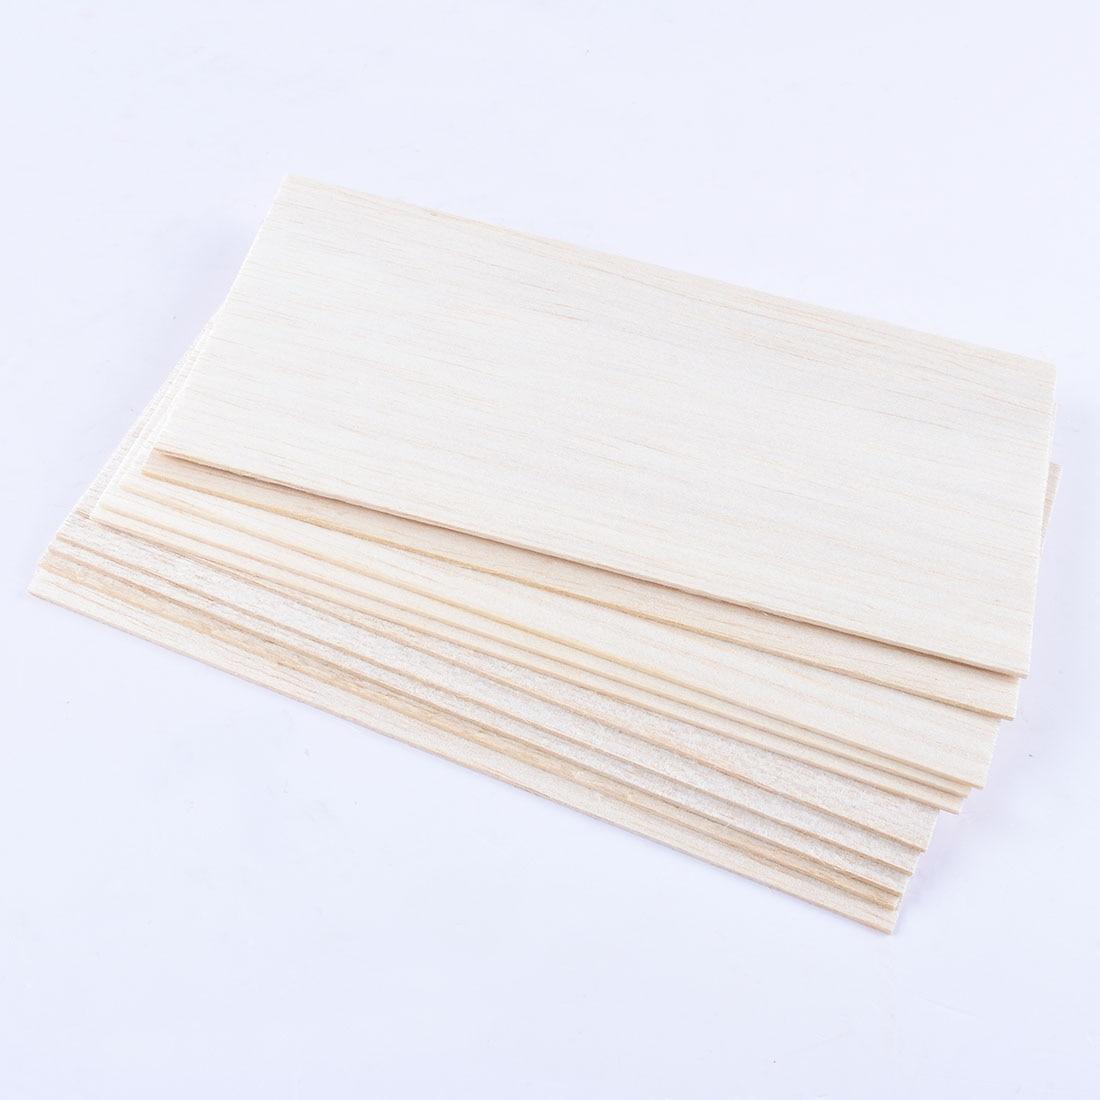 10pcs 100x200x1.5mm Thin Wood Board Panel Plaque For DIY Arts Craft Decor Building Model Materials